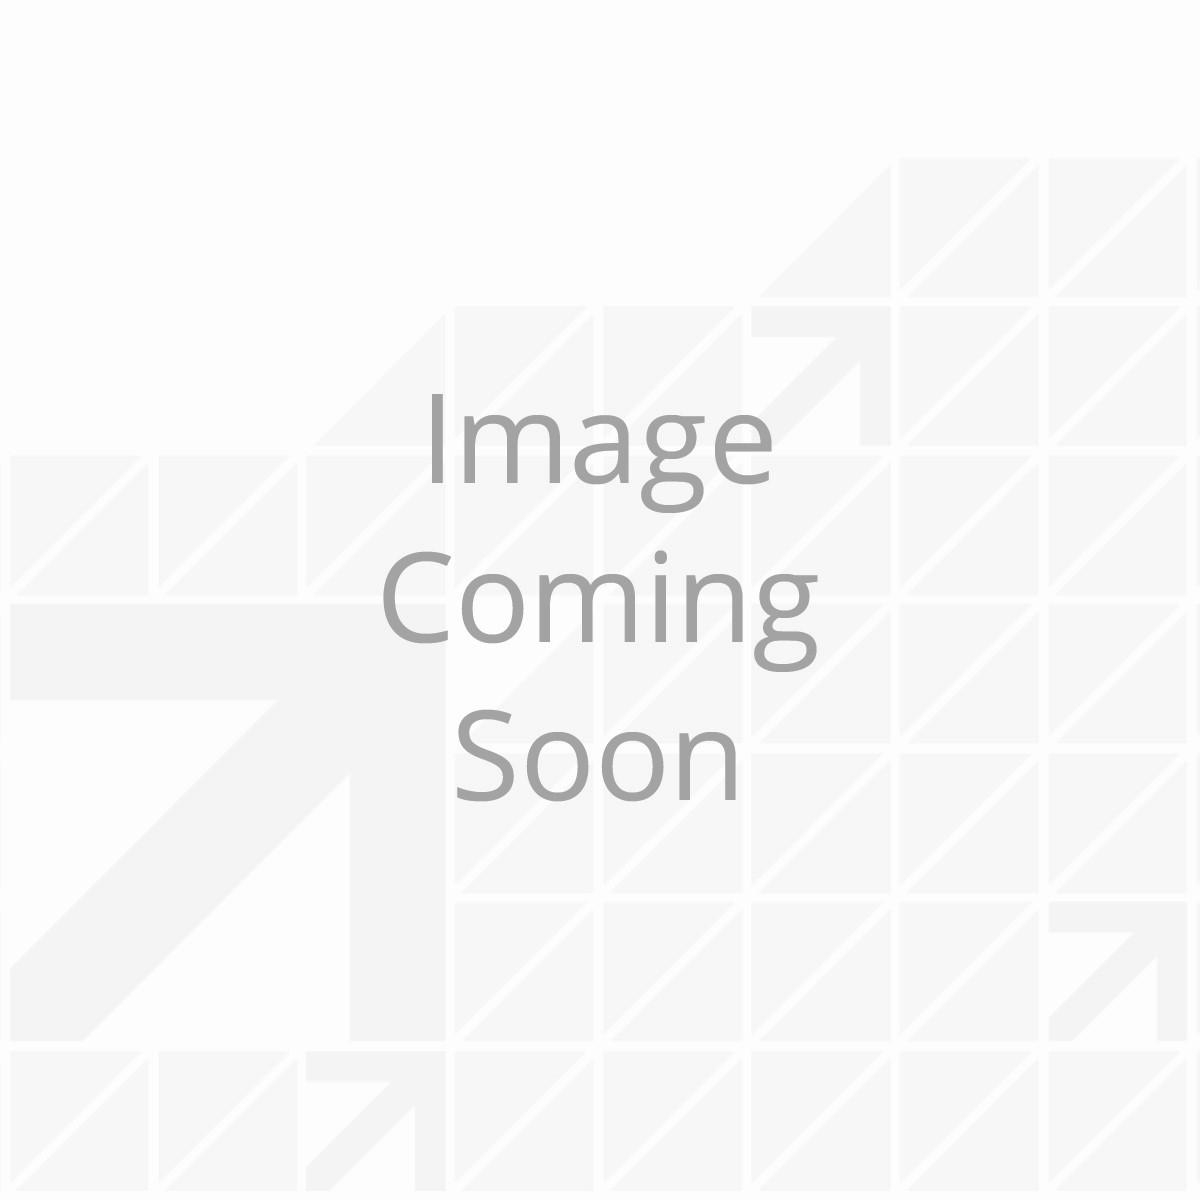 162657_Door-Hinge_001